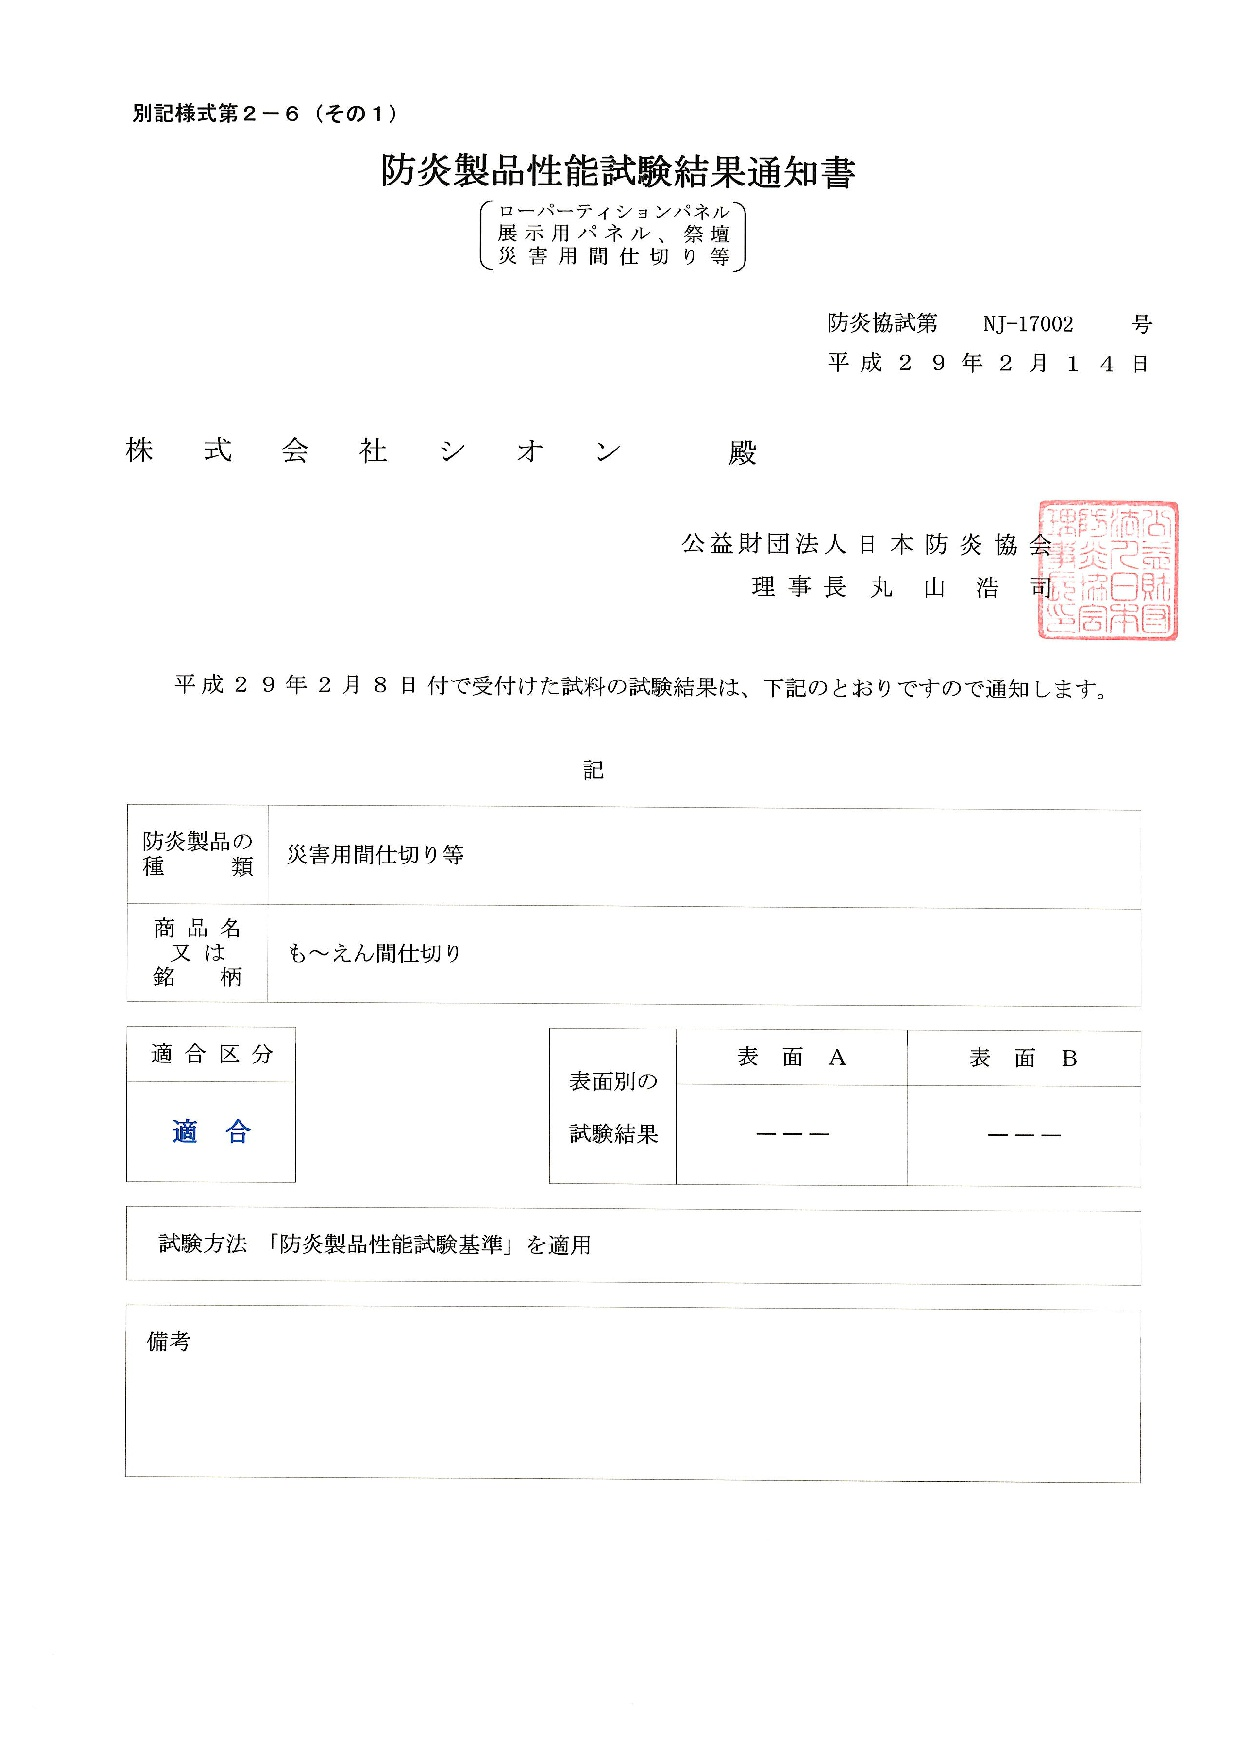 防炎試験結果通知書01